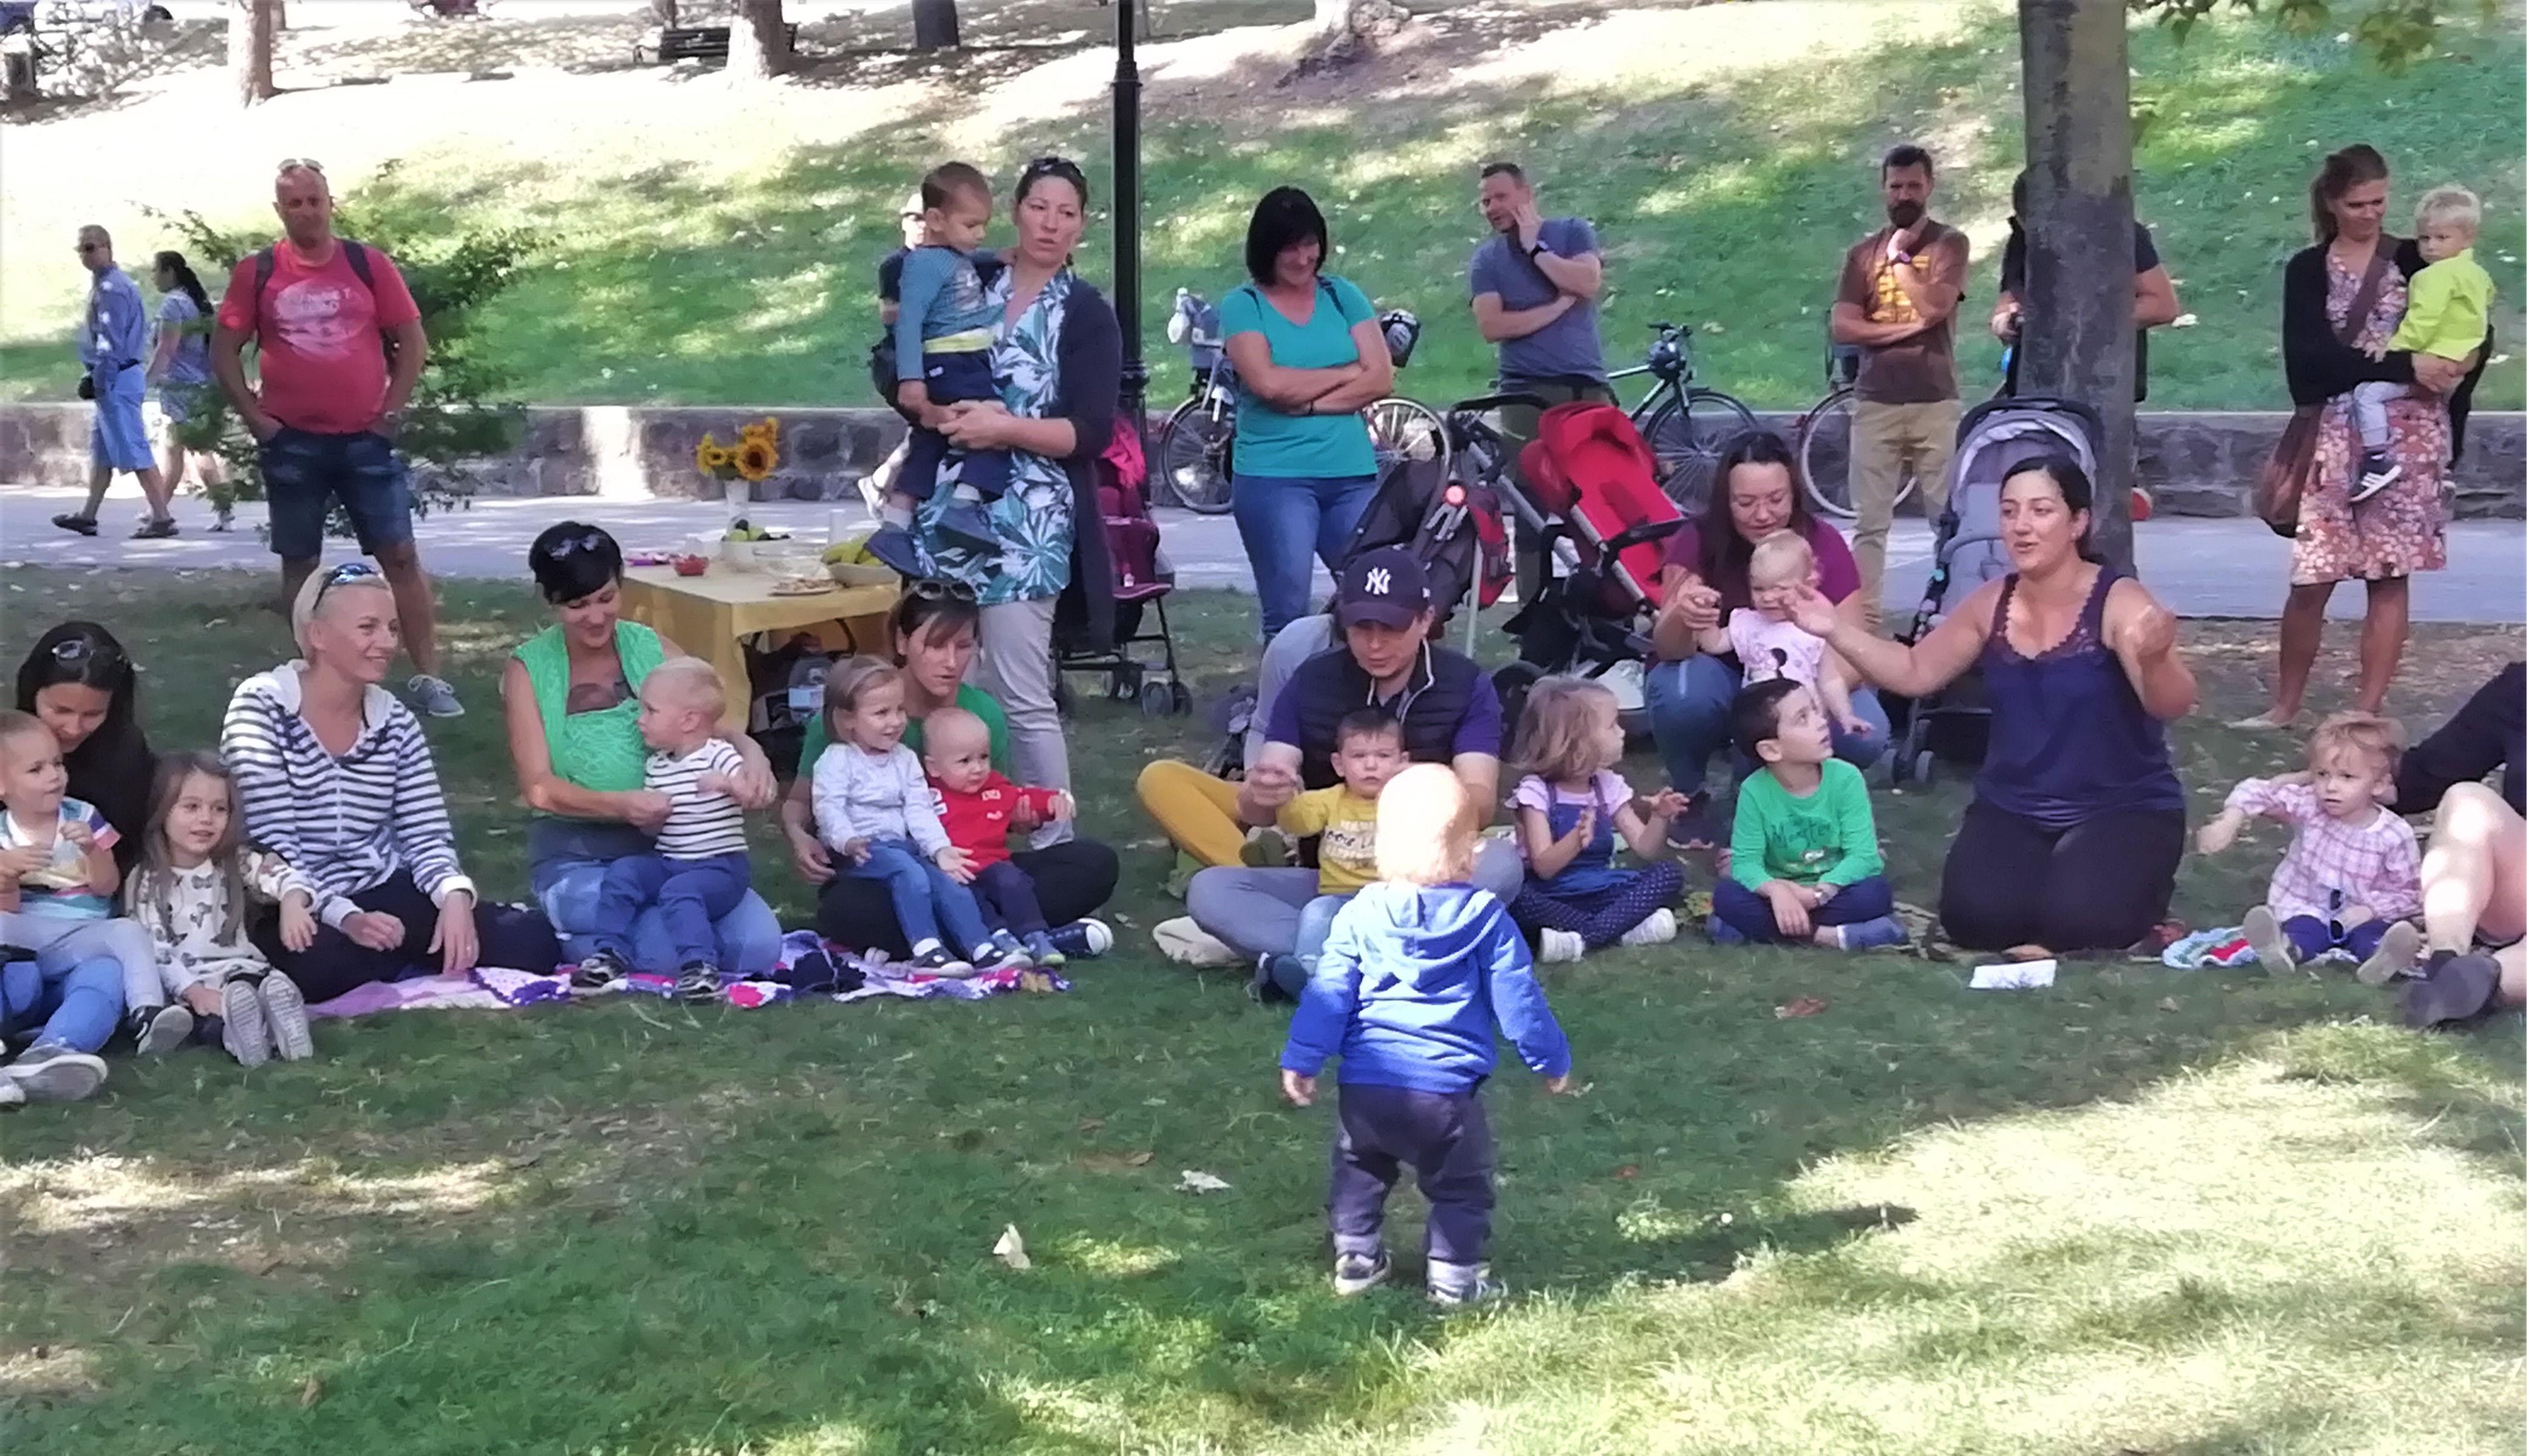 Mondókázás a parkban